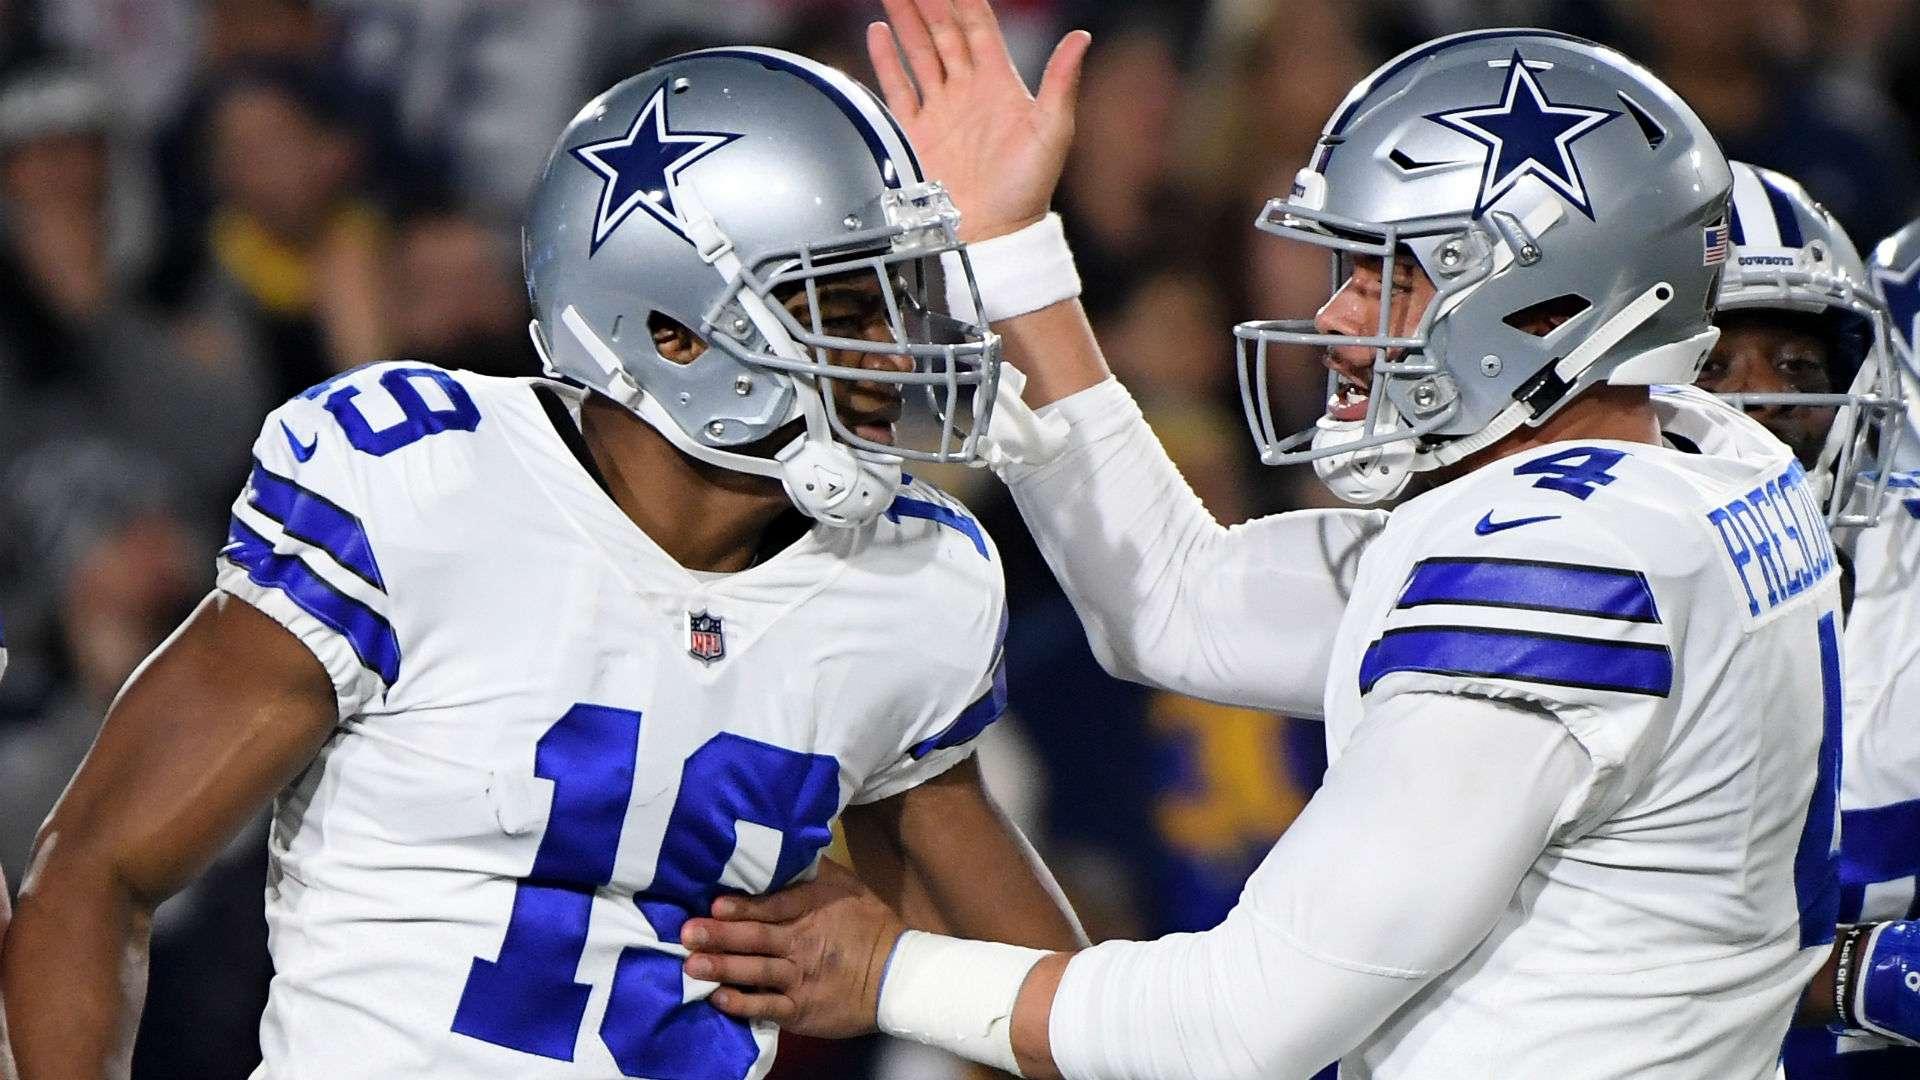 Nfl Schedule 2020 Winners Losers Cowboys Buccaneers Get Big Breaks Raiders Jets Draw Bad Slates Sporting News